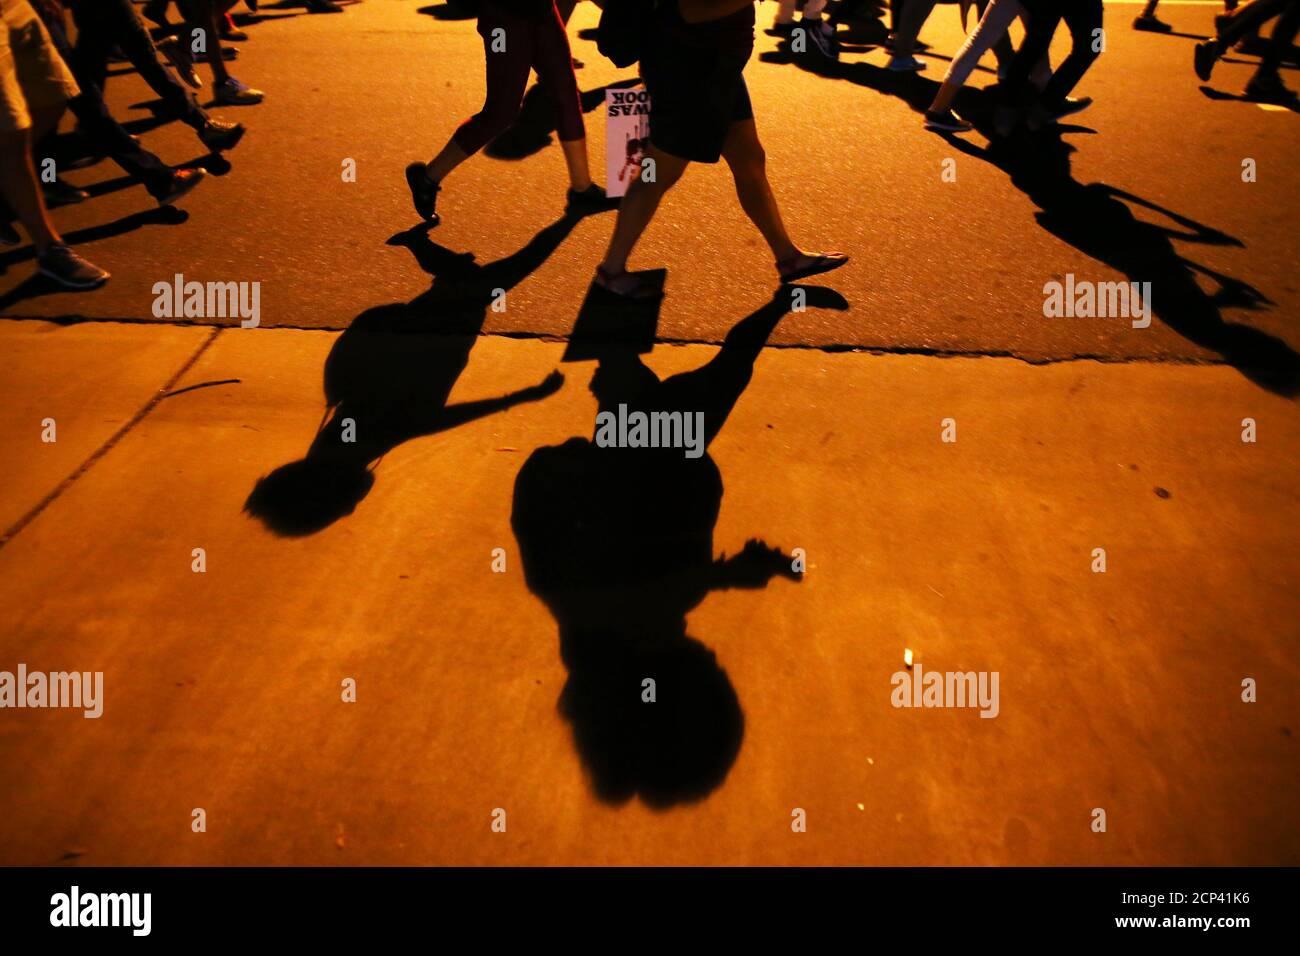 Demonstranten Schatten kennzeichnen der Bürgersteig als sie marschieren in einer anderen Nacht von Protesten über die Polizei schießen von Keith Scott in Charlotte, North Carolina, USA 24. September 2016  REUTERS/Mike Blake Stockfoto